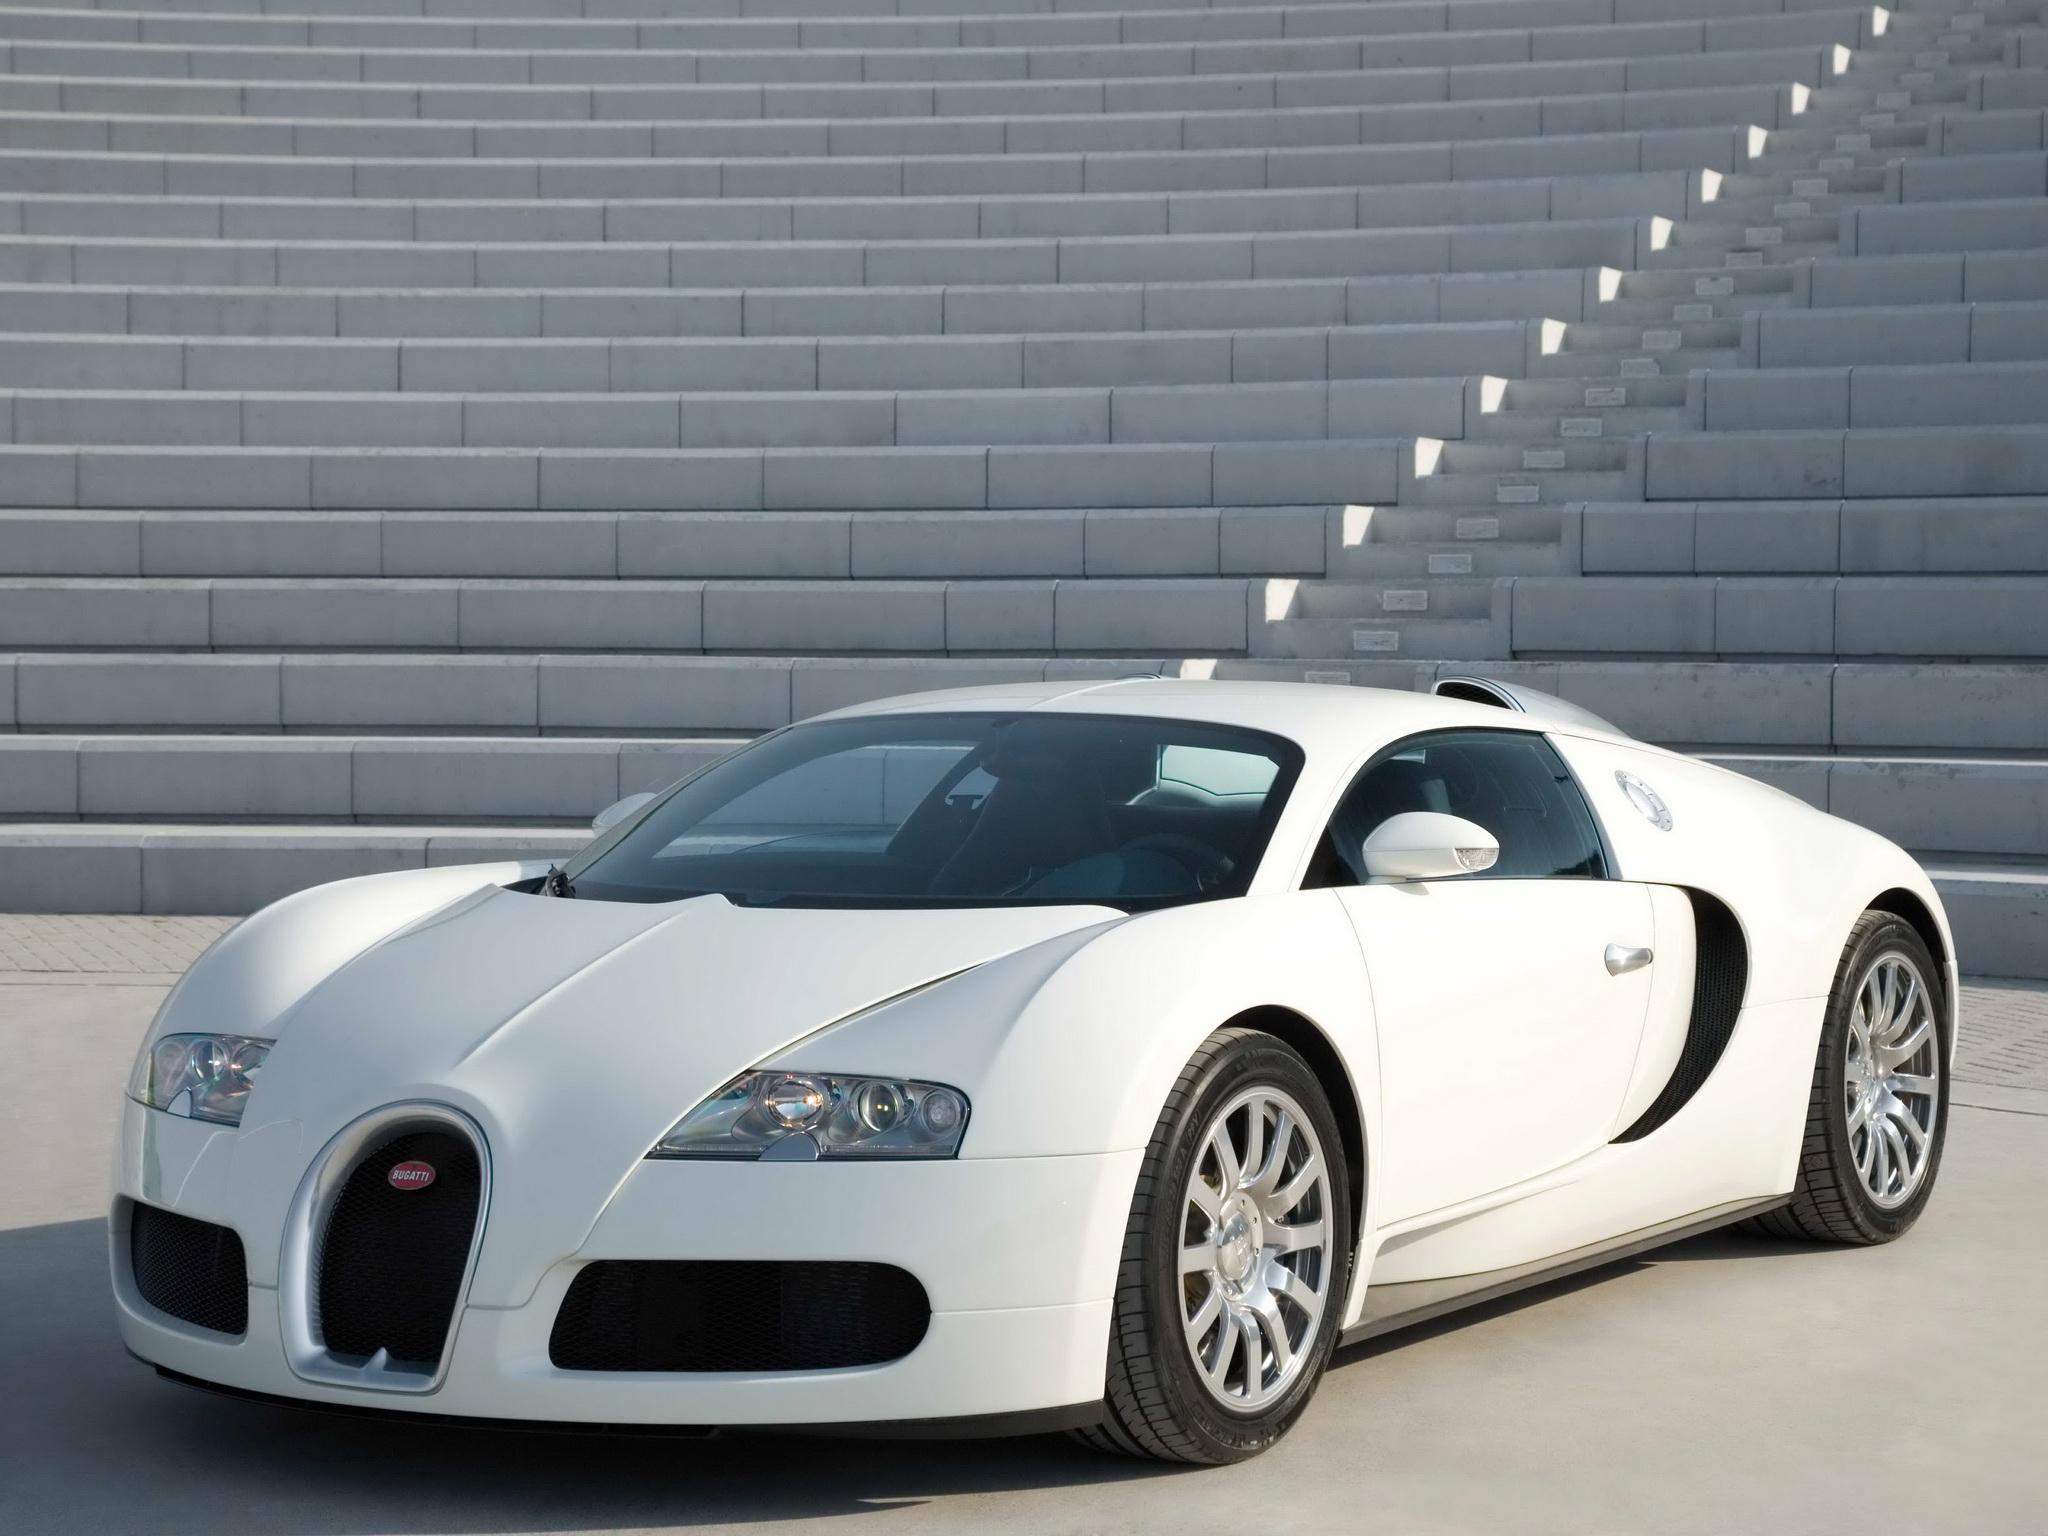 Bugatti Veyron Full Hd